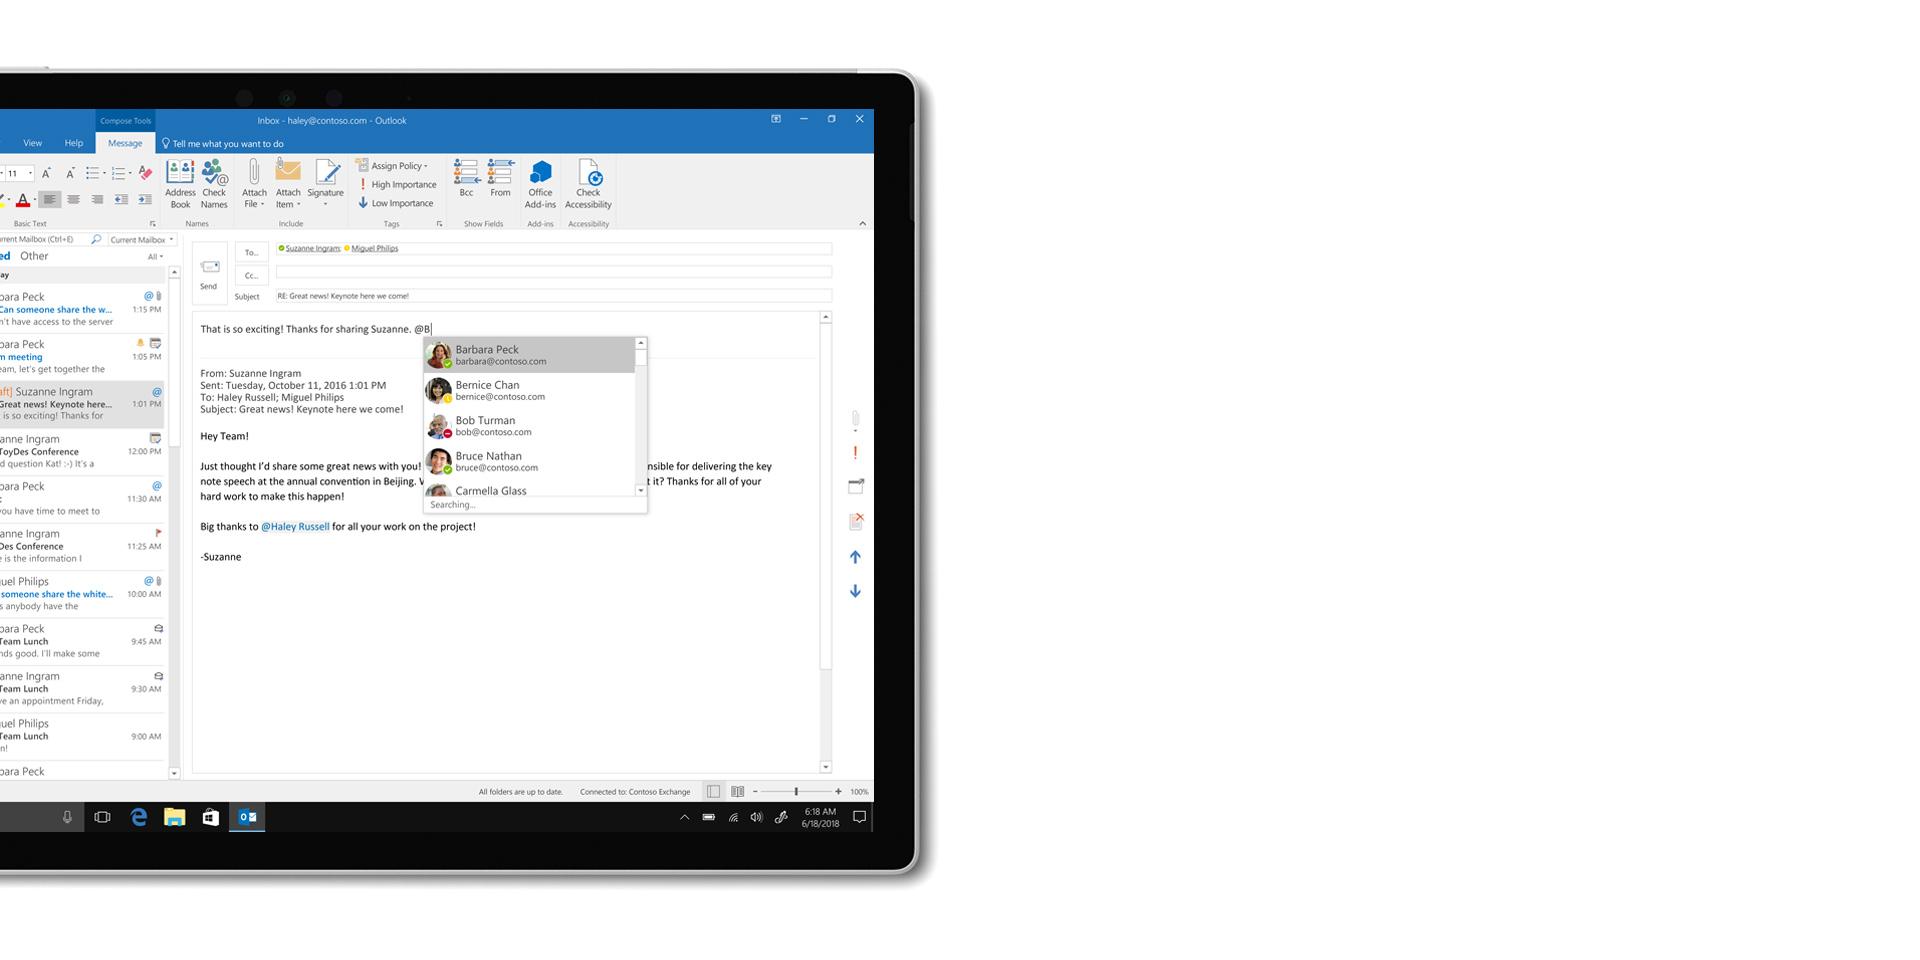 Aplicação Outlook mostrada no ecrã do Surface Book 2, separado do teclado.